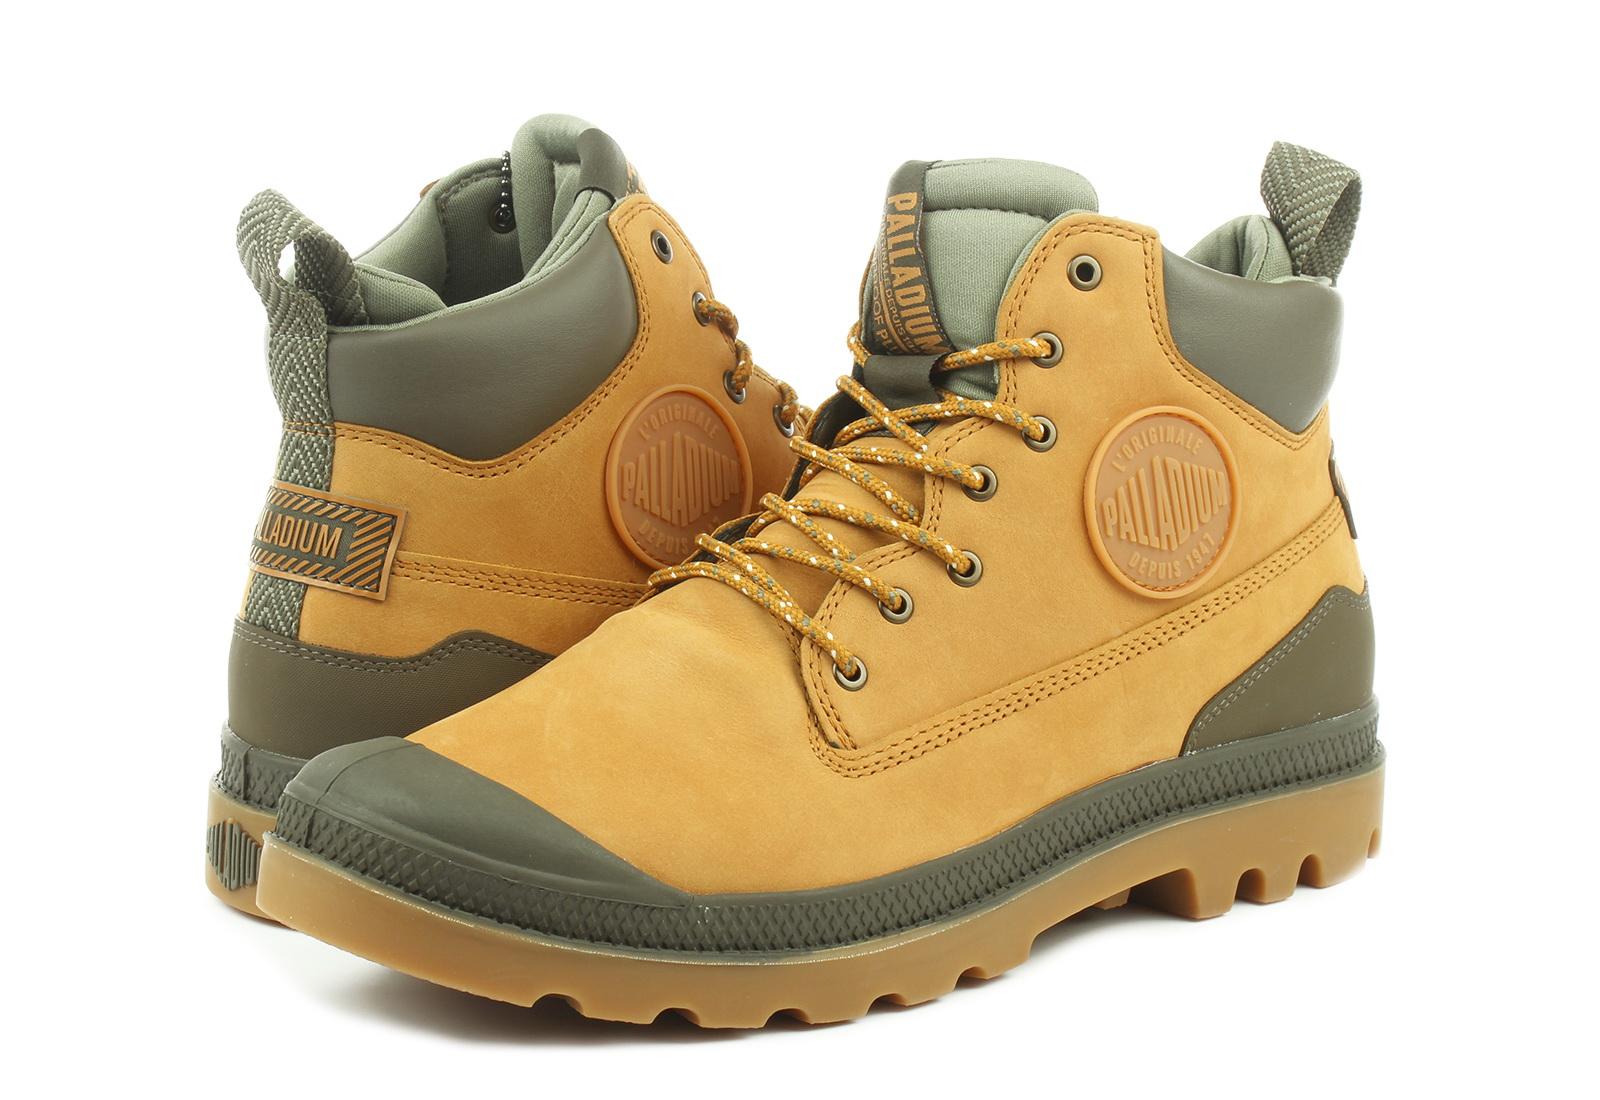 rozmiar 7 Najlepiej cienie Palladium Buty Zimowe - Outsider Wp + U - 76472-717-M - Obuwie i buty  damskie, męskie, dziecięce w Office Shoes